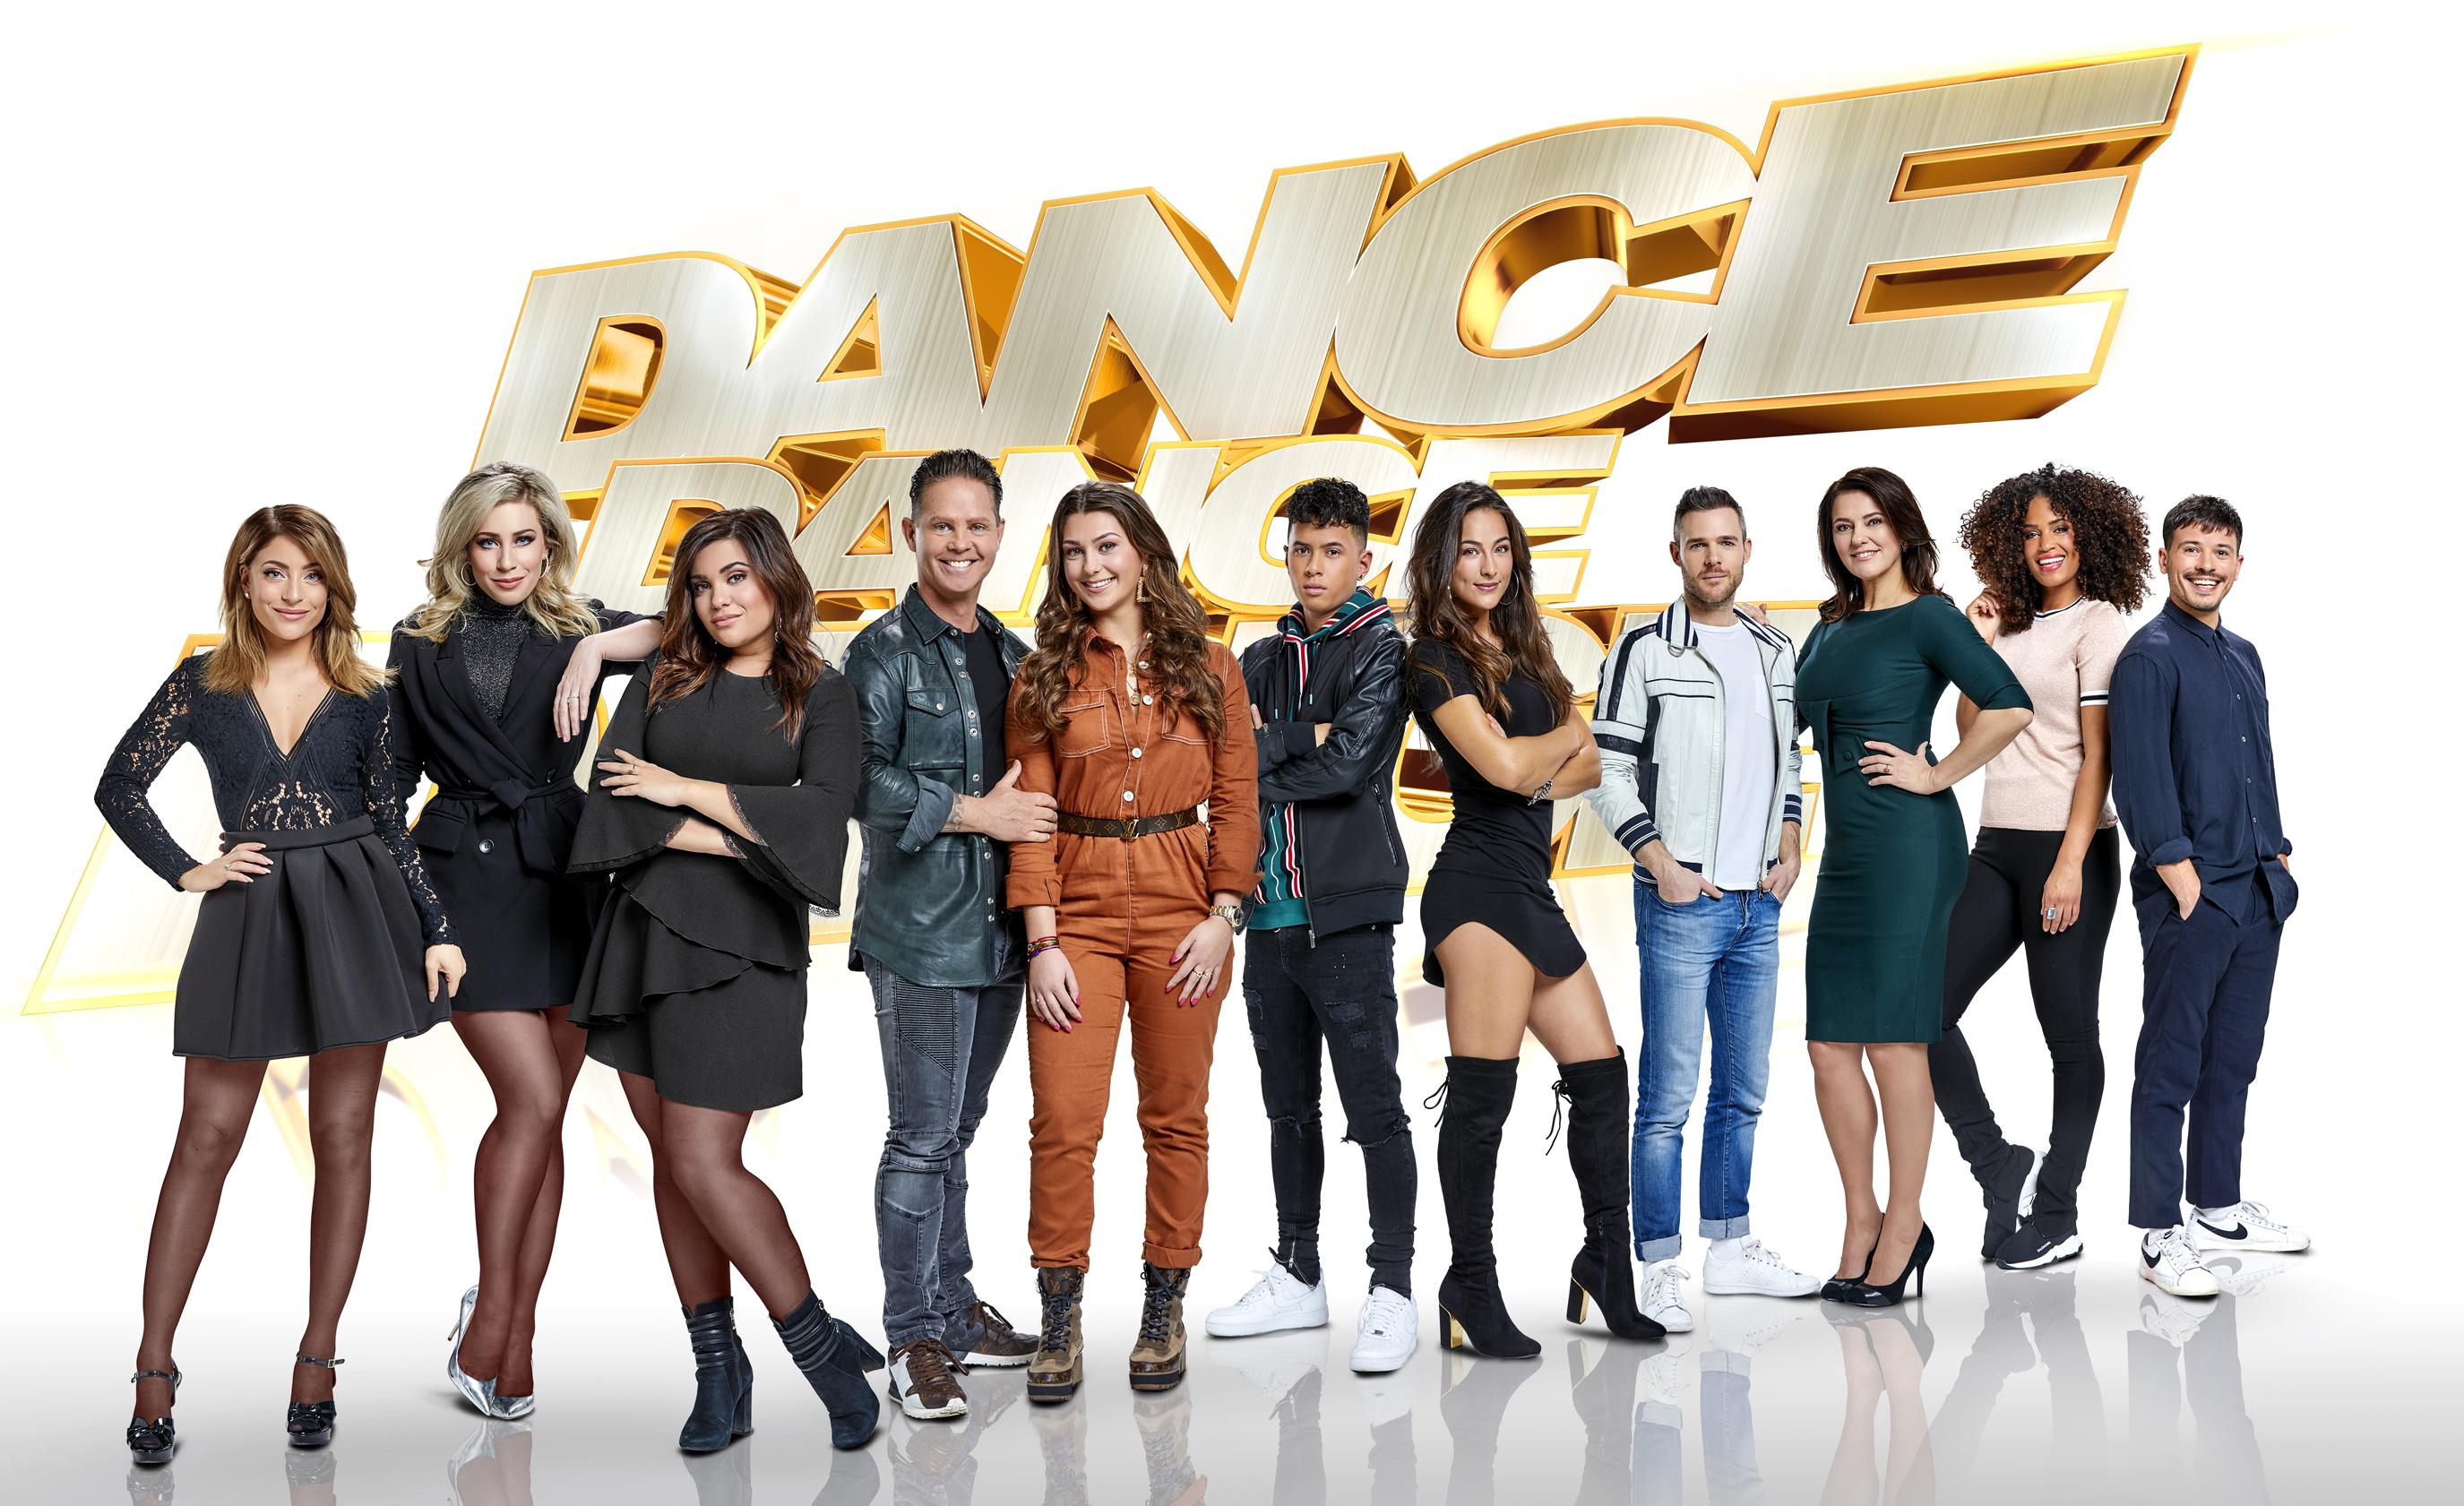 Namen deelnemers Dance Dance Dance bekend